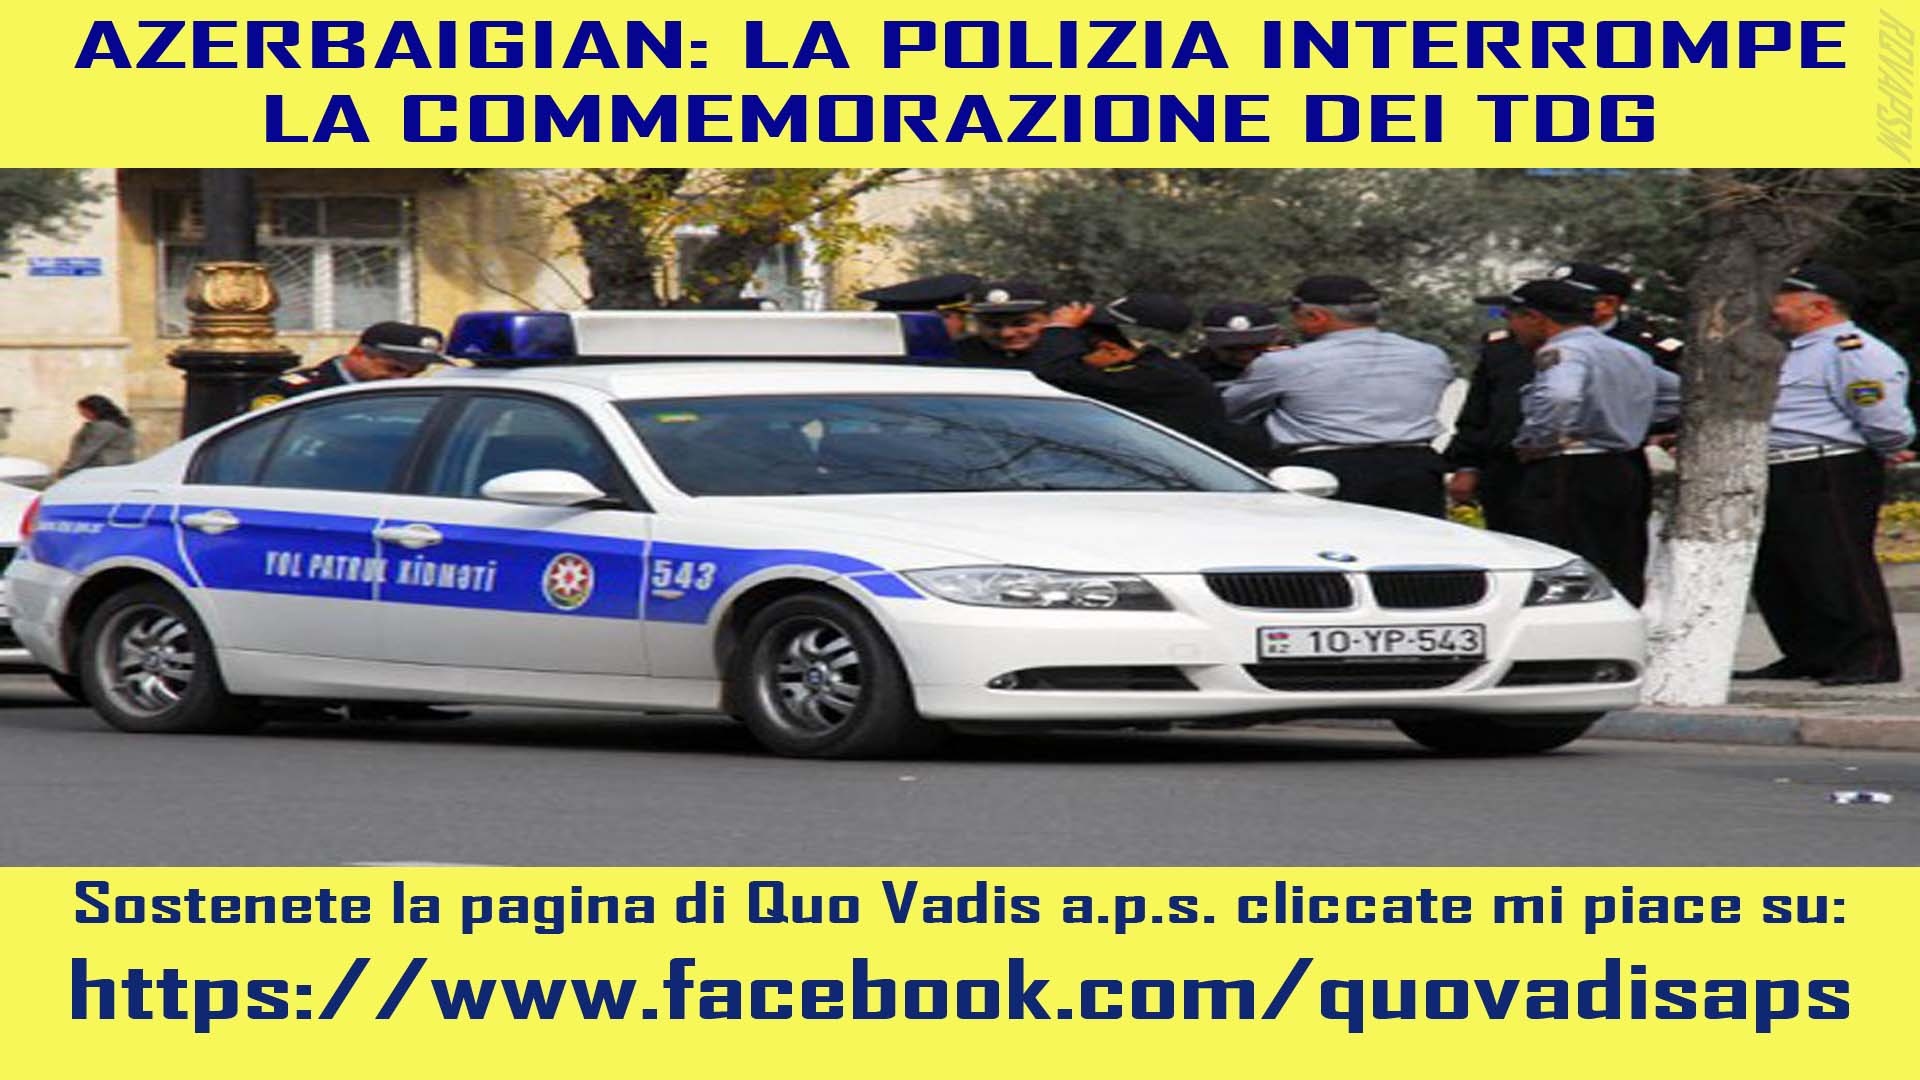 AZERBAIGIAN POLIZIA INTERROMPE COMMEMORAZIONE DEI TDG DOC